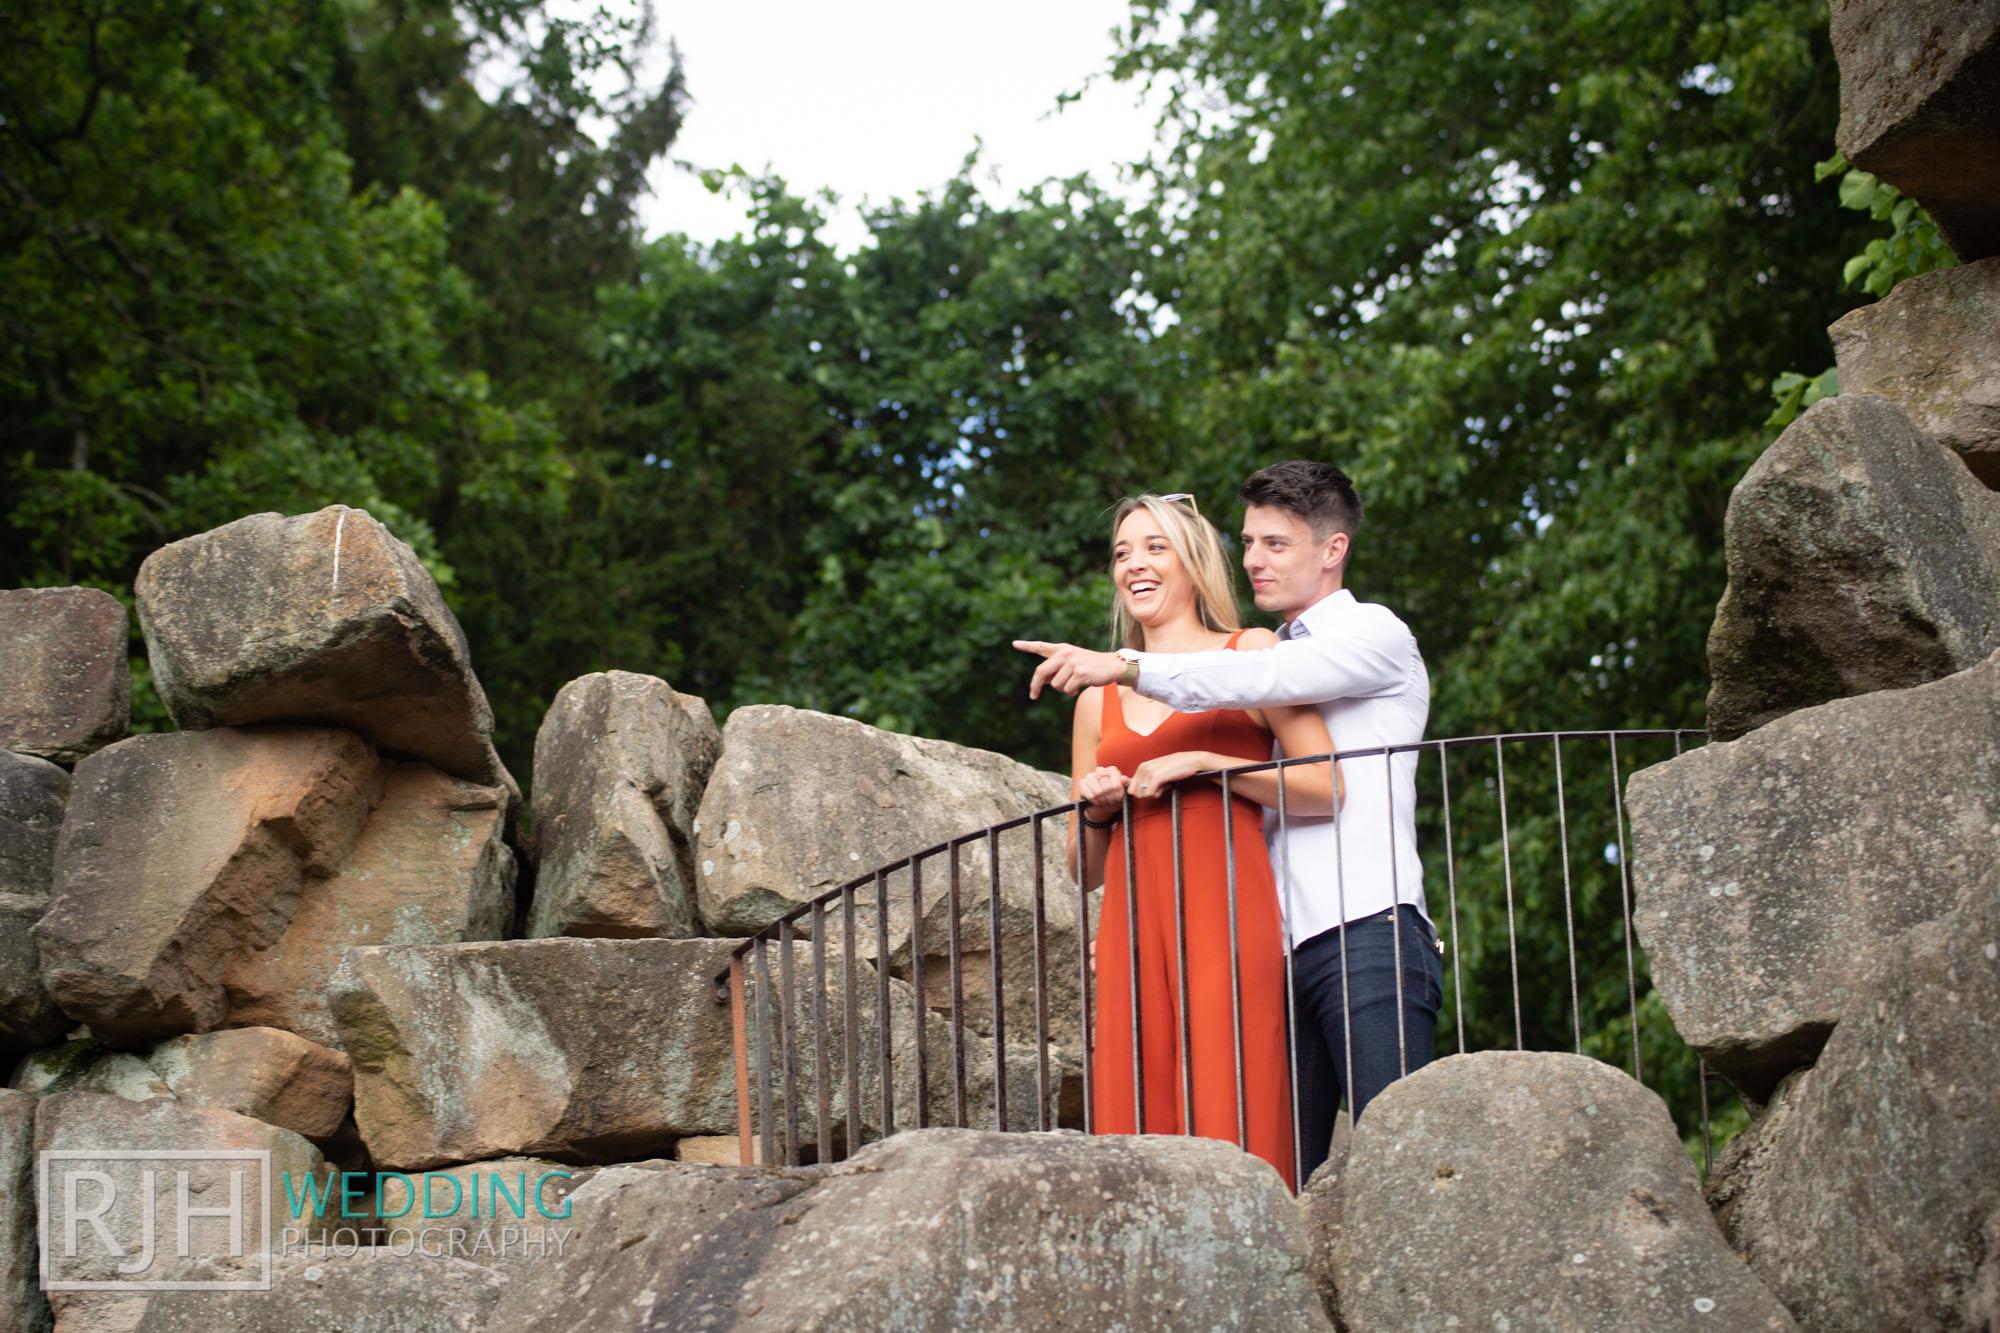 Chatsworth House Wedding Photographer_Glen & Lauren_017_RJH10183.jpg